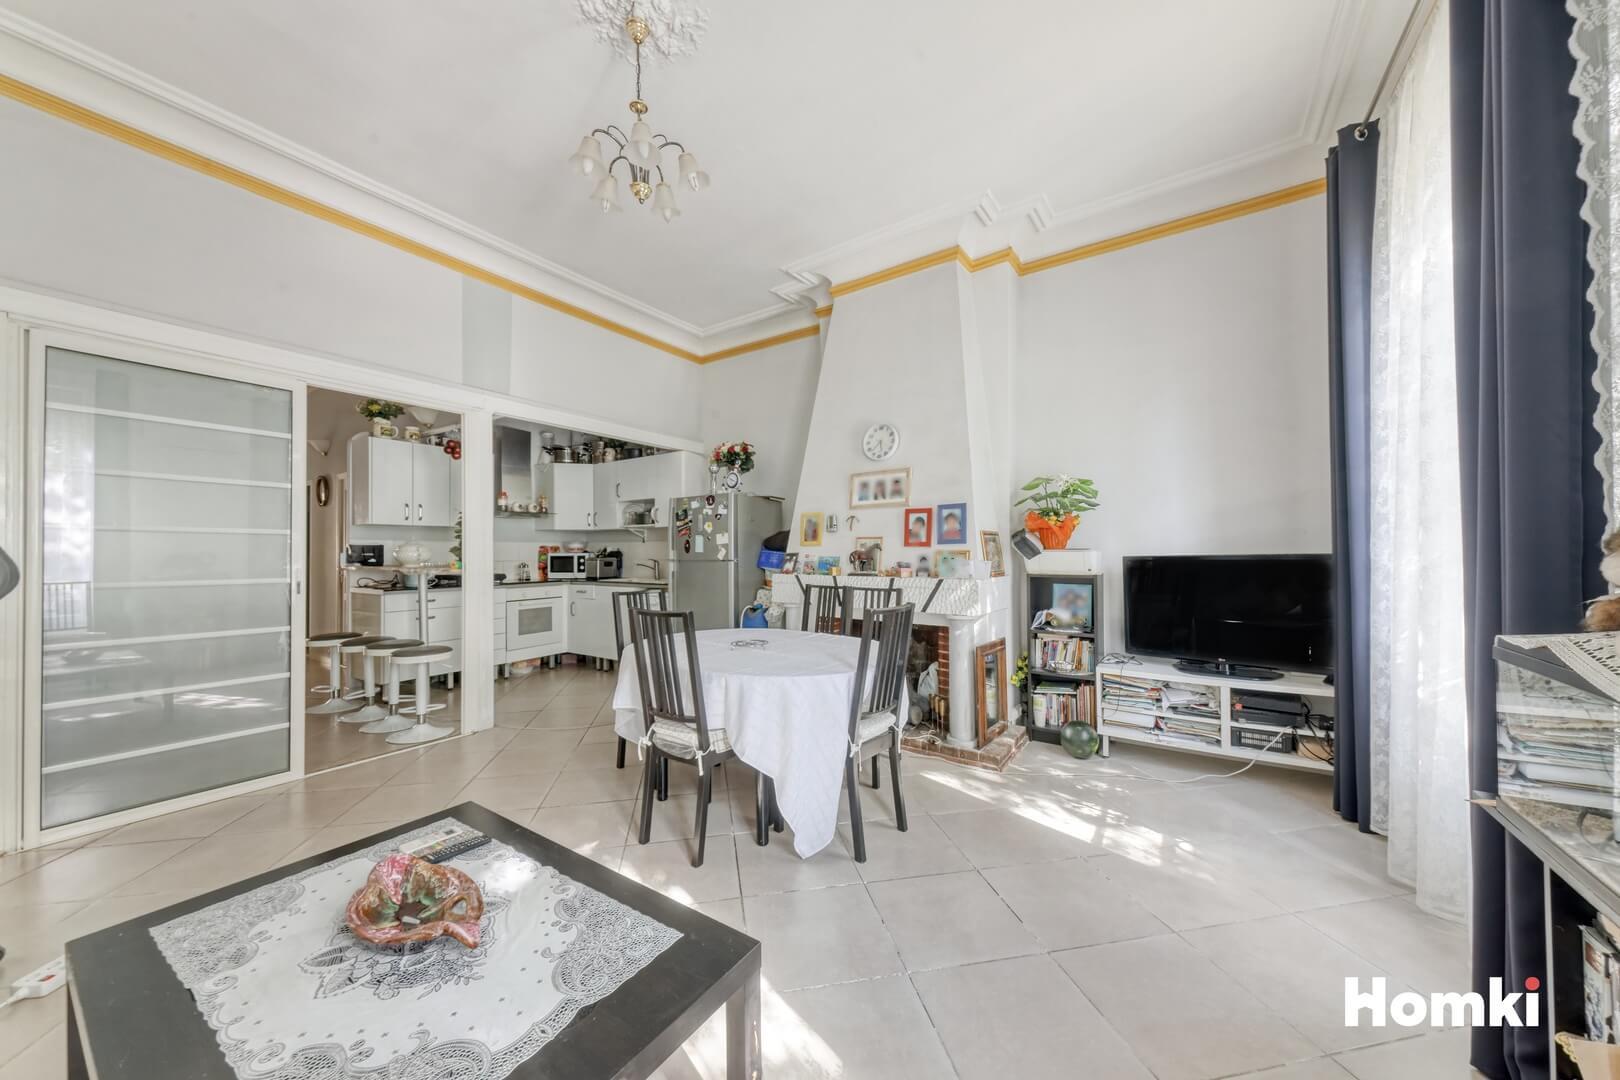 Homki - Vente Appartement  de 93.0 m² à Marseille 13006